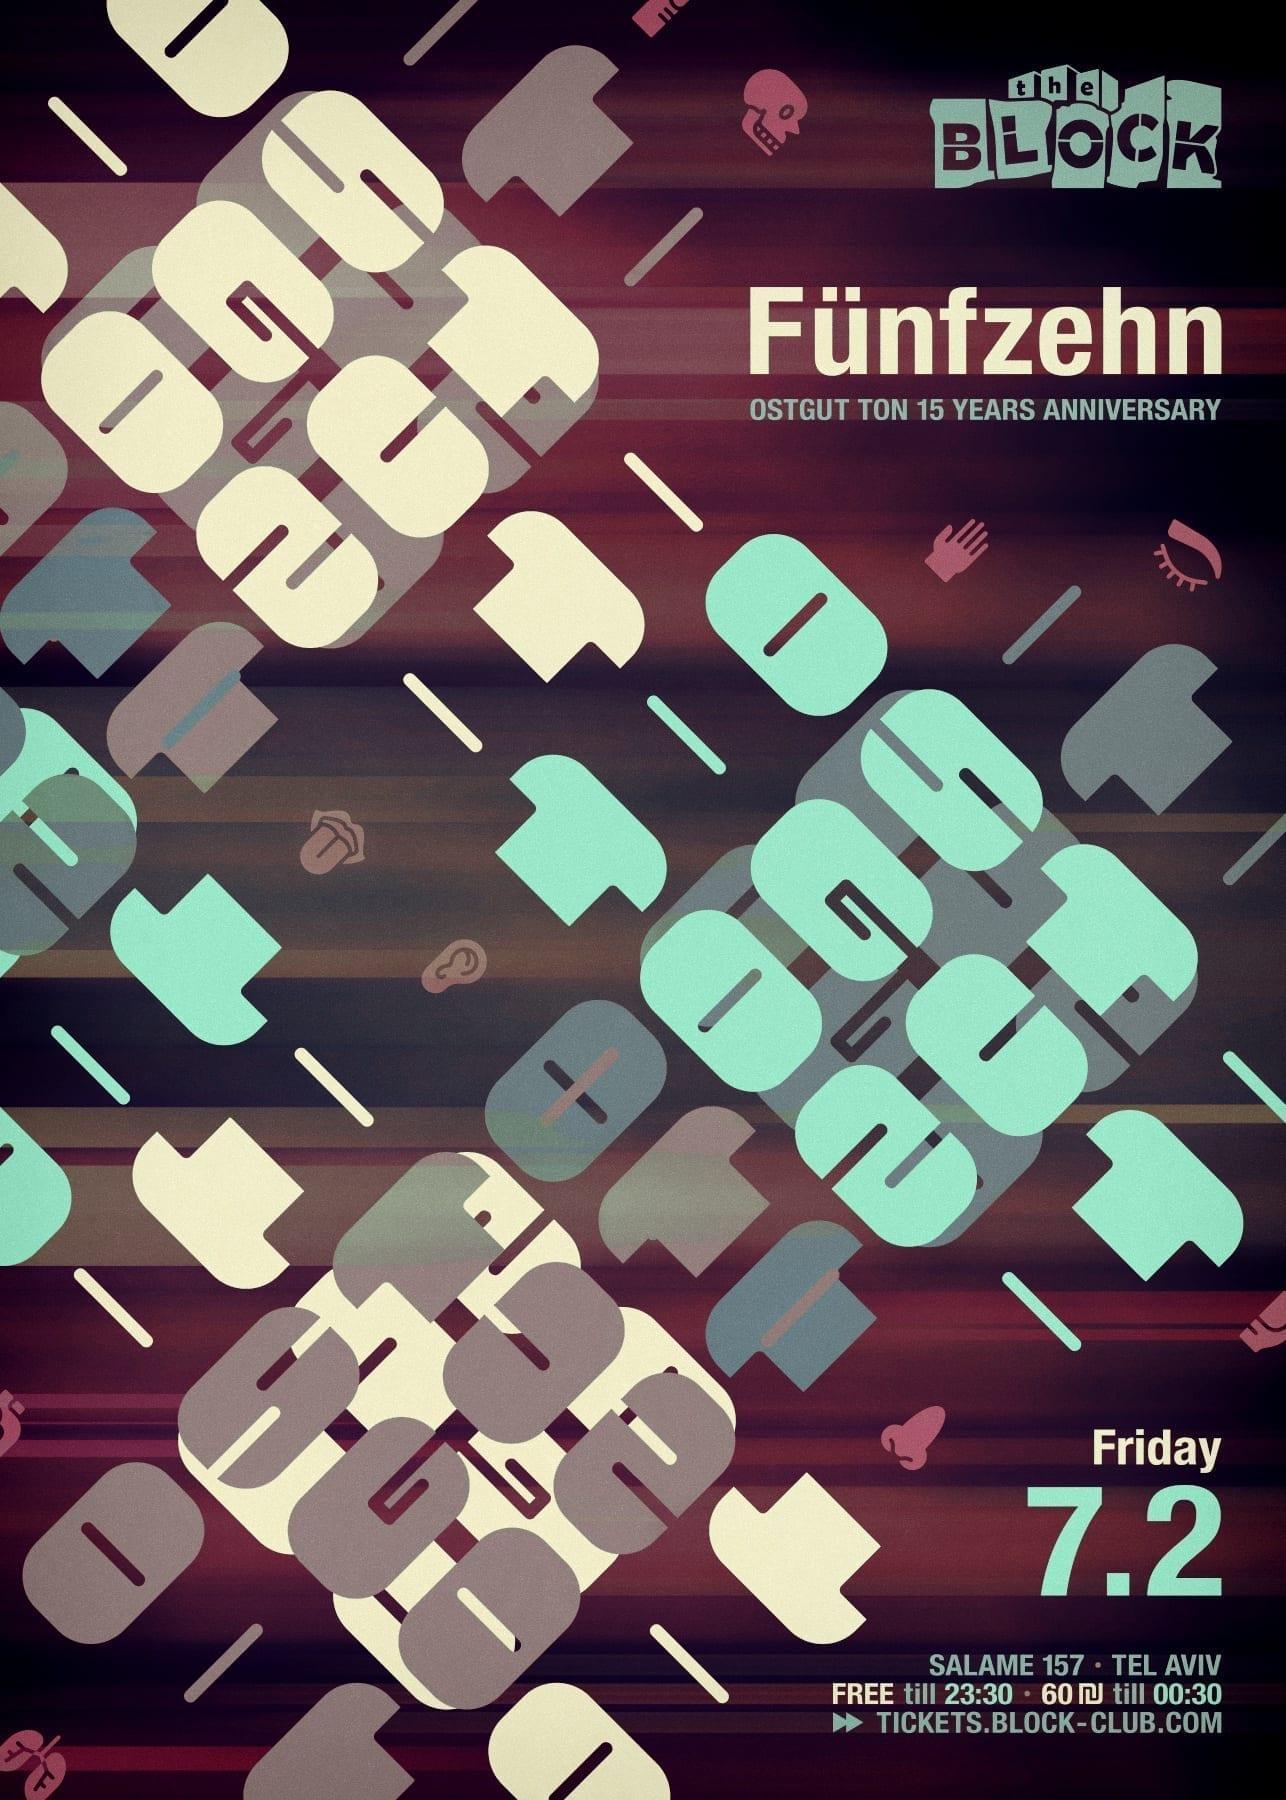 Ostgut Fünfzehn, Friday 7.2 @ The Block